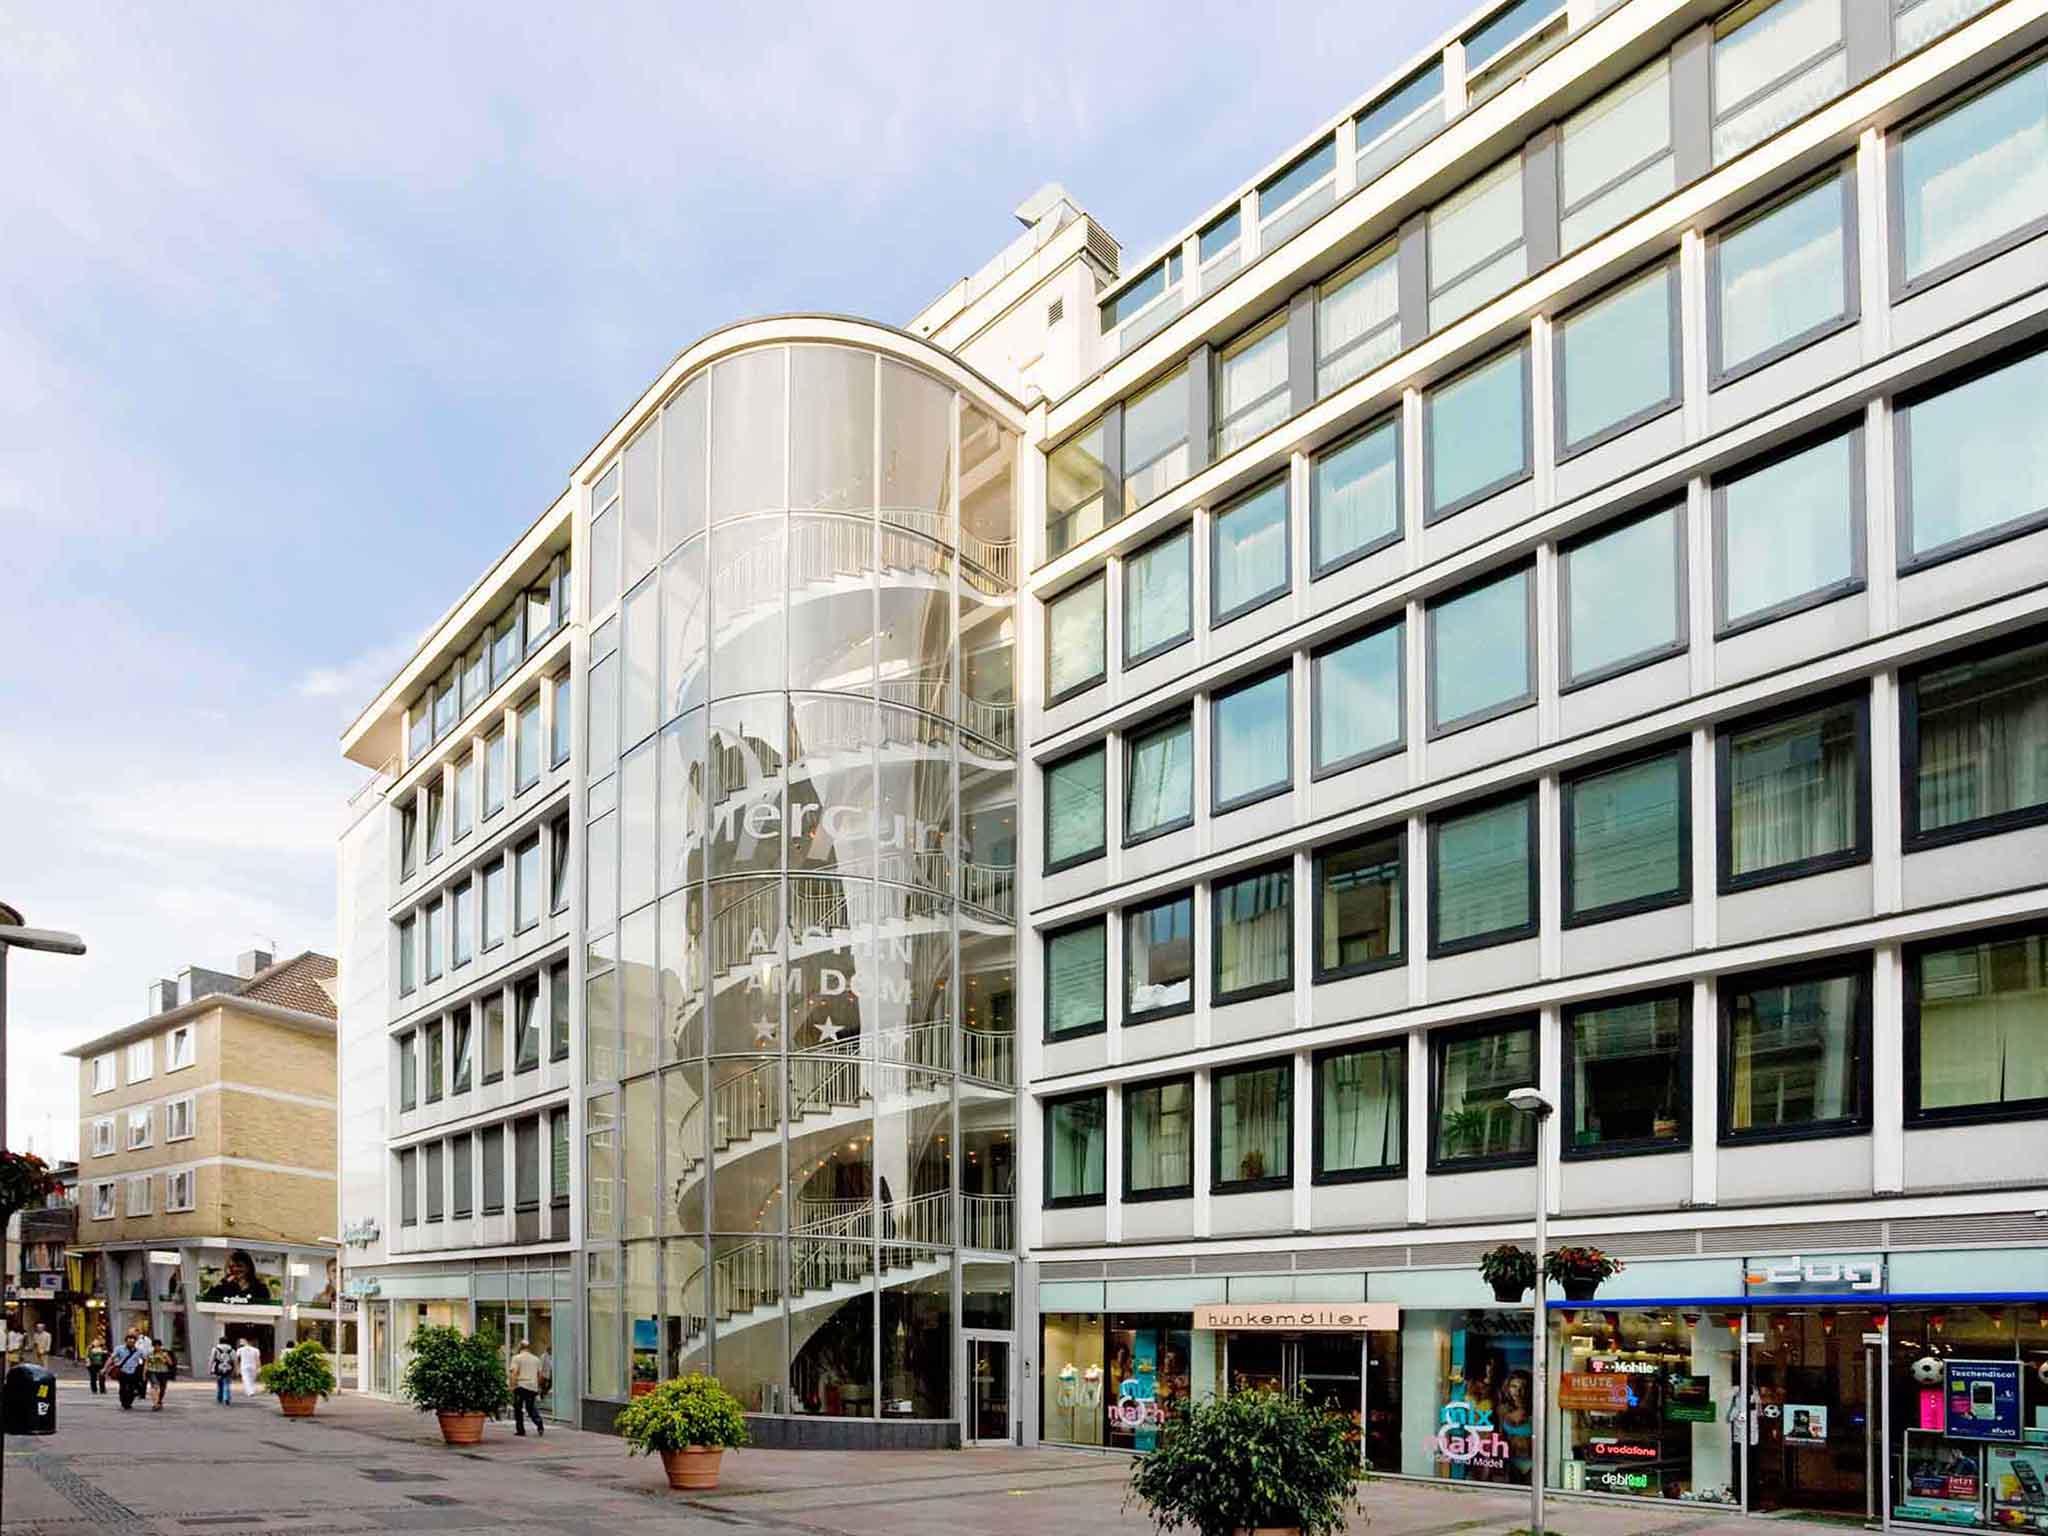 Hotell – Mercure Hotel Aachen am Dom